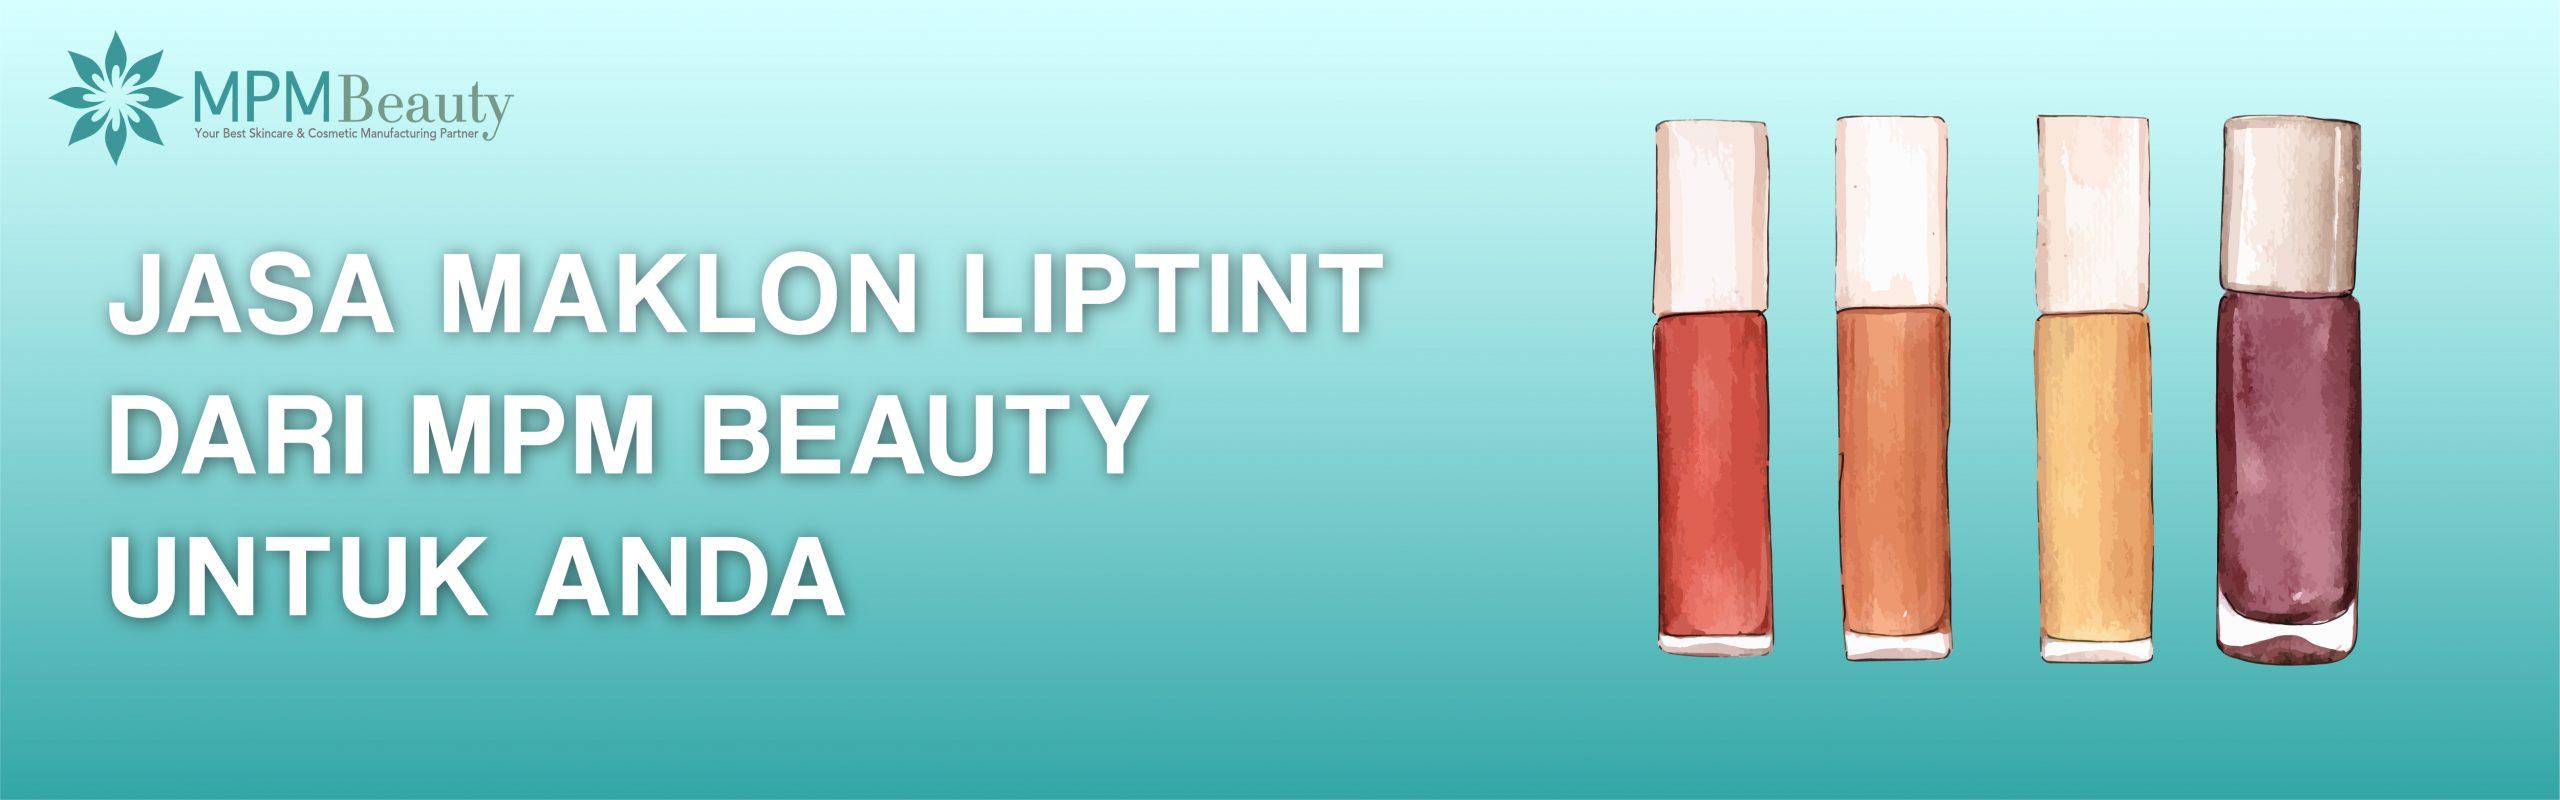 Jasa Maklon Liptint dari MPM Beauty untuk Anda